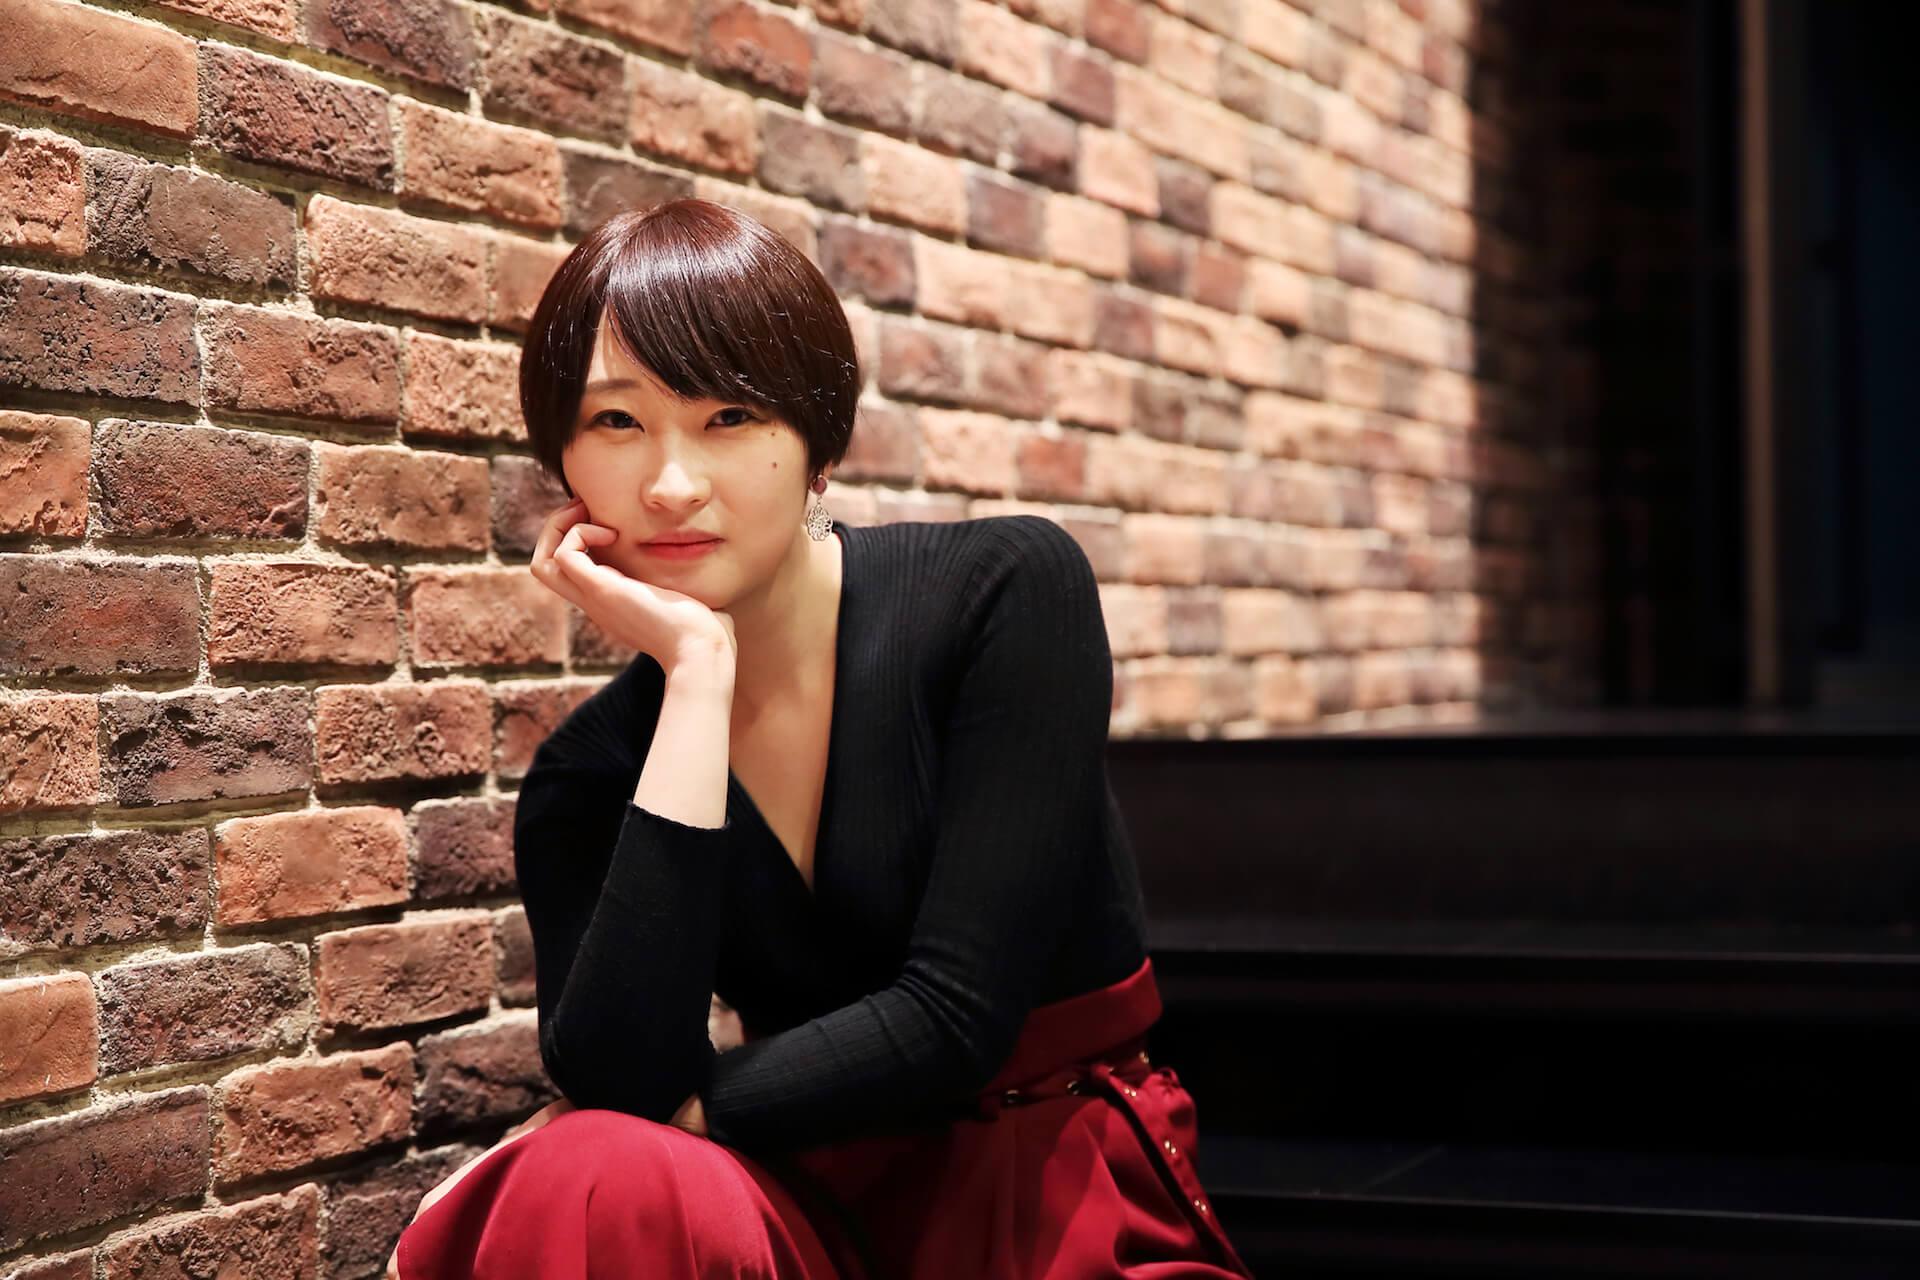 【チョーヒカル・インタビュー】最強の女性が最高!『キャプテン・マーベル』が照らすアベンジャーズとマーベルの未来 interview-captainmarvel-hikaru-cho-20